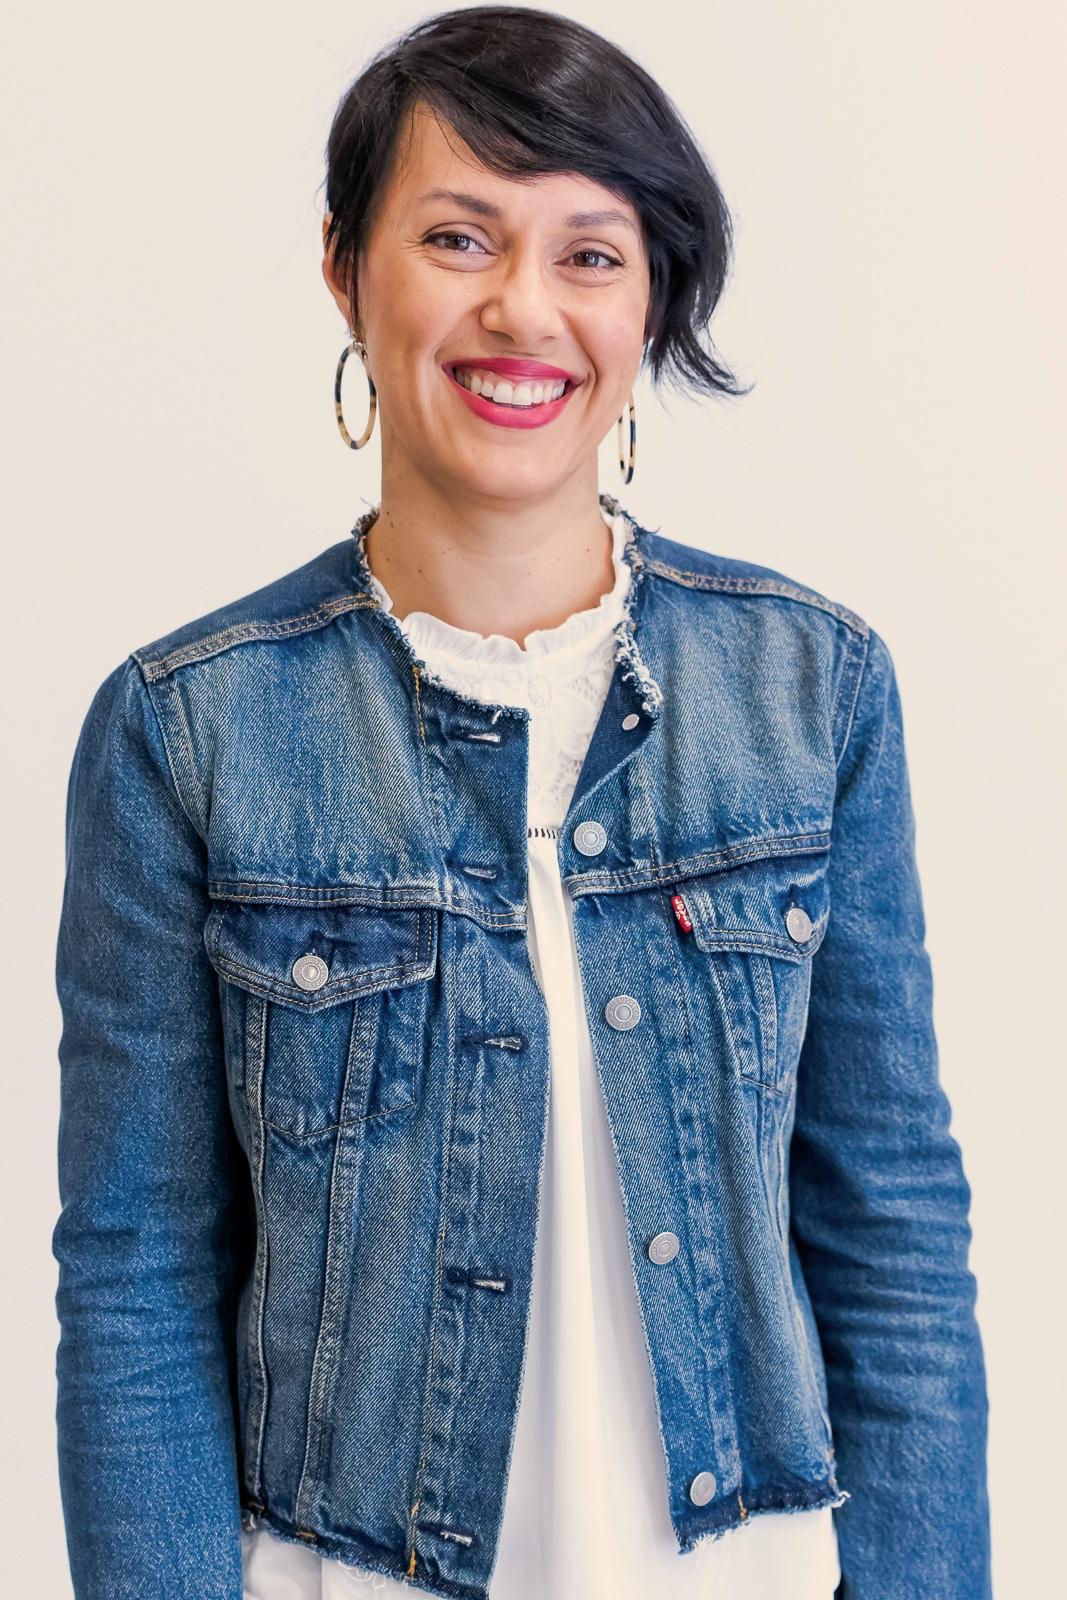 MARISSA KNOTT - Senior Pastor